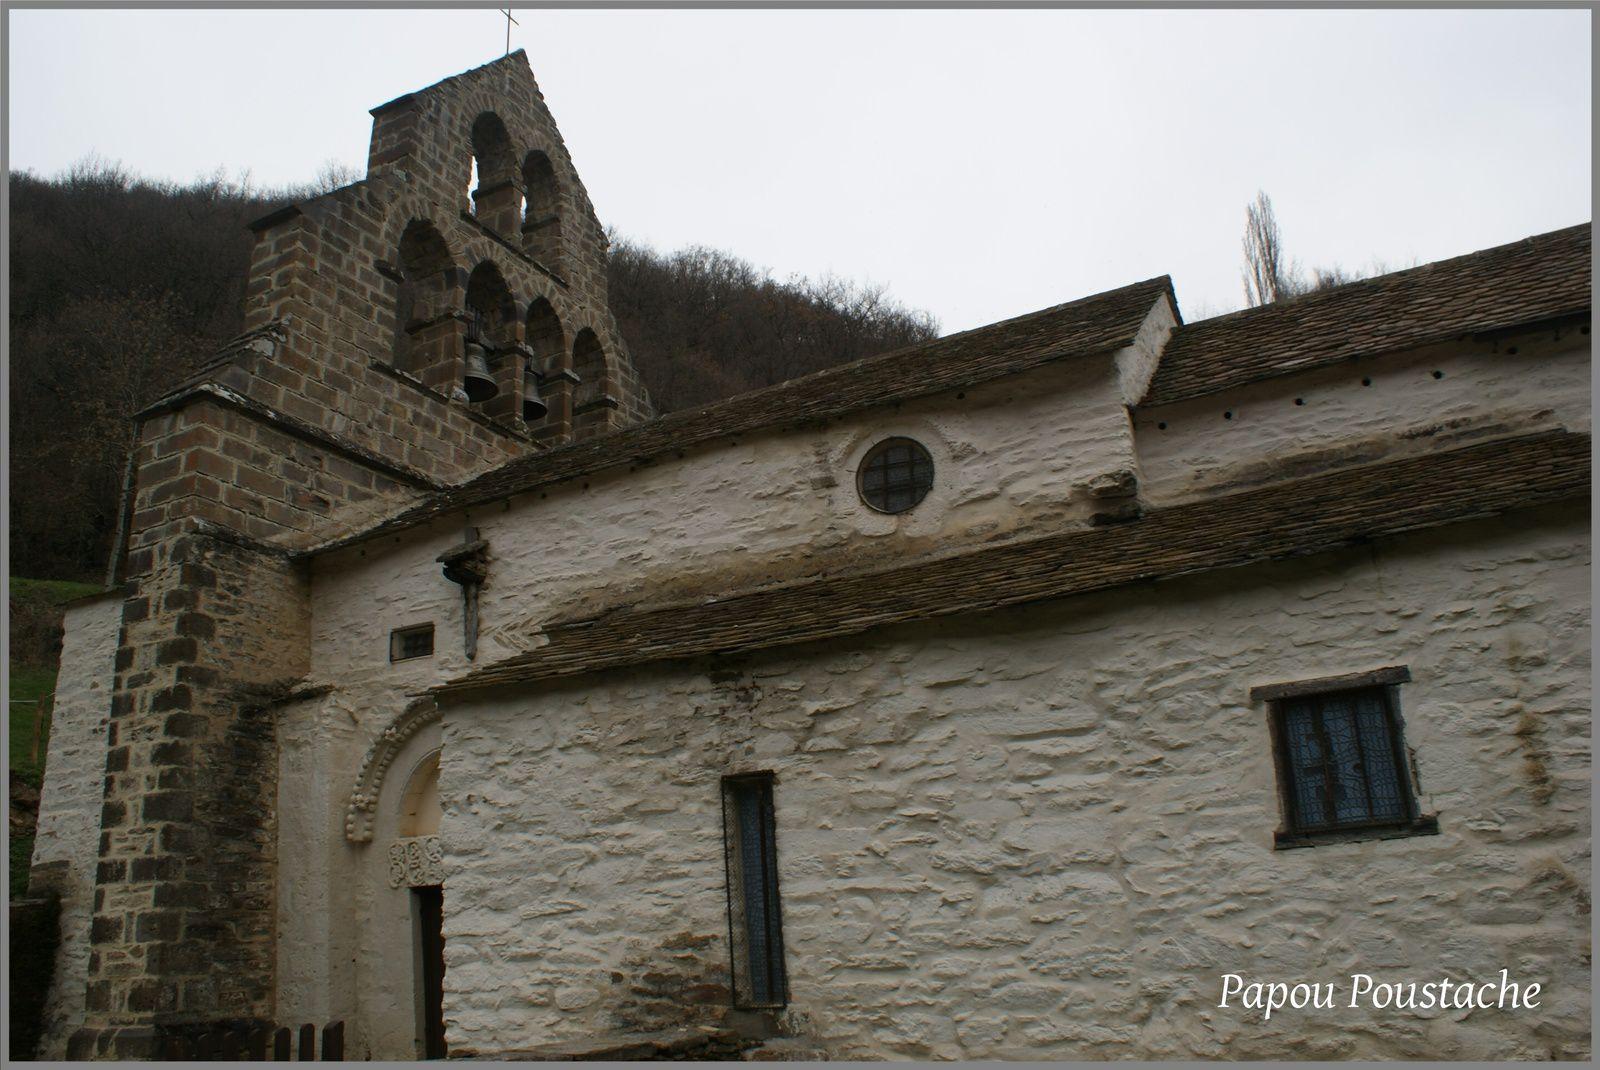 Patrimoine auvergnat:Eglise de Leyvaux